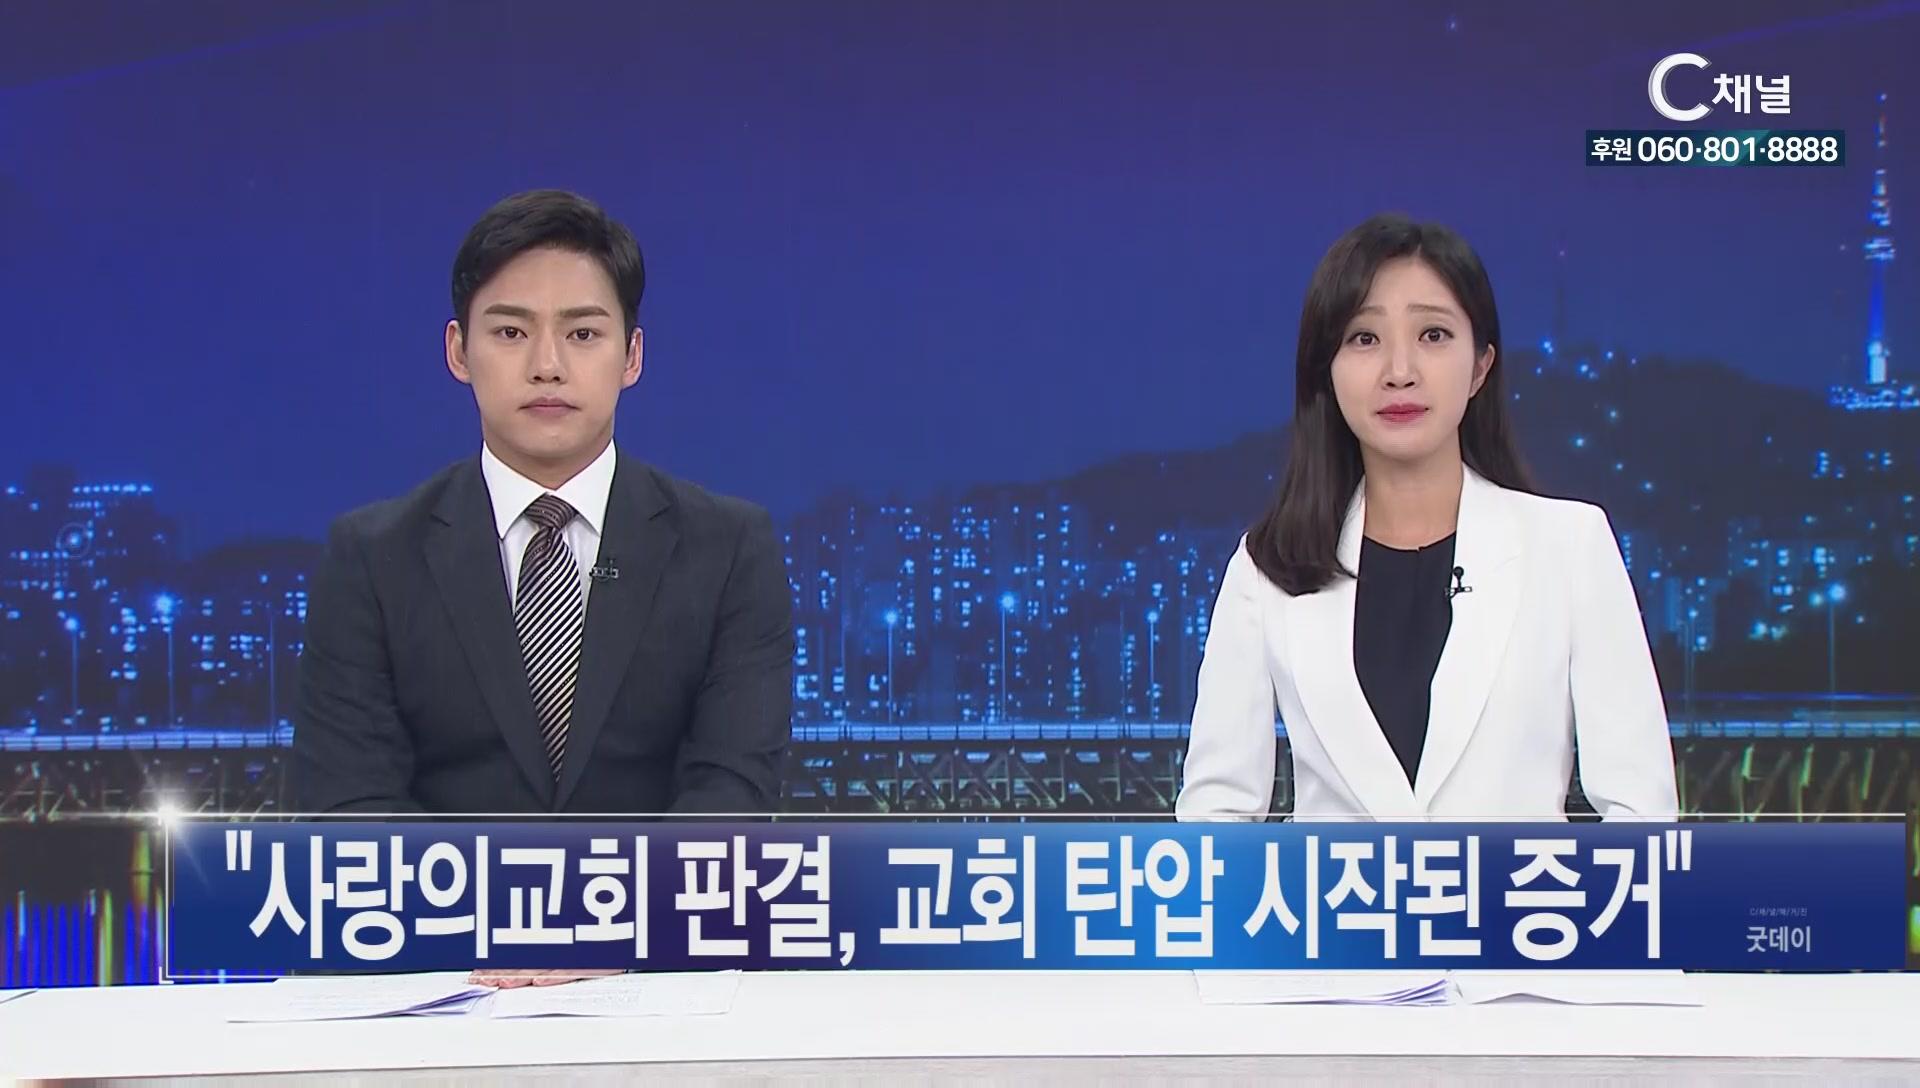 C채널 매거진 굿데이 2019년 10월 23일 C채널 뉴스